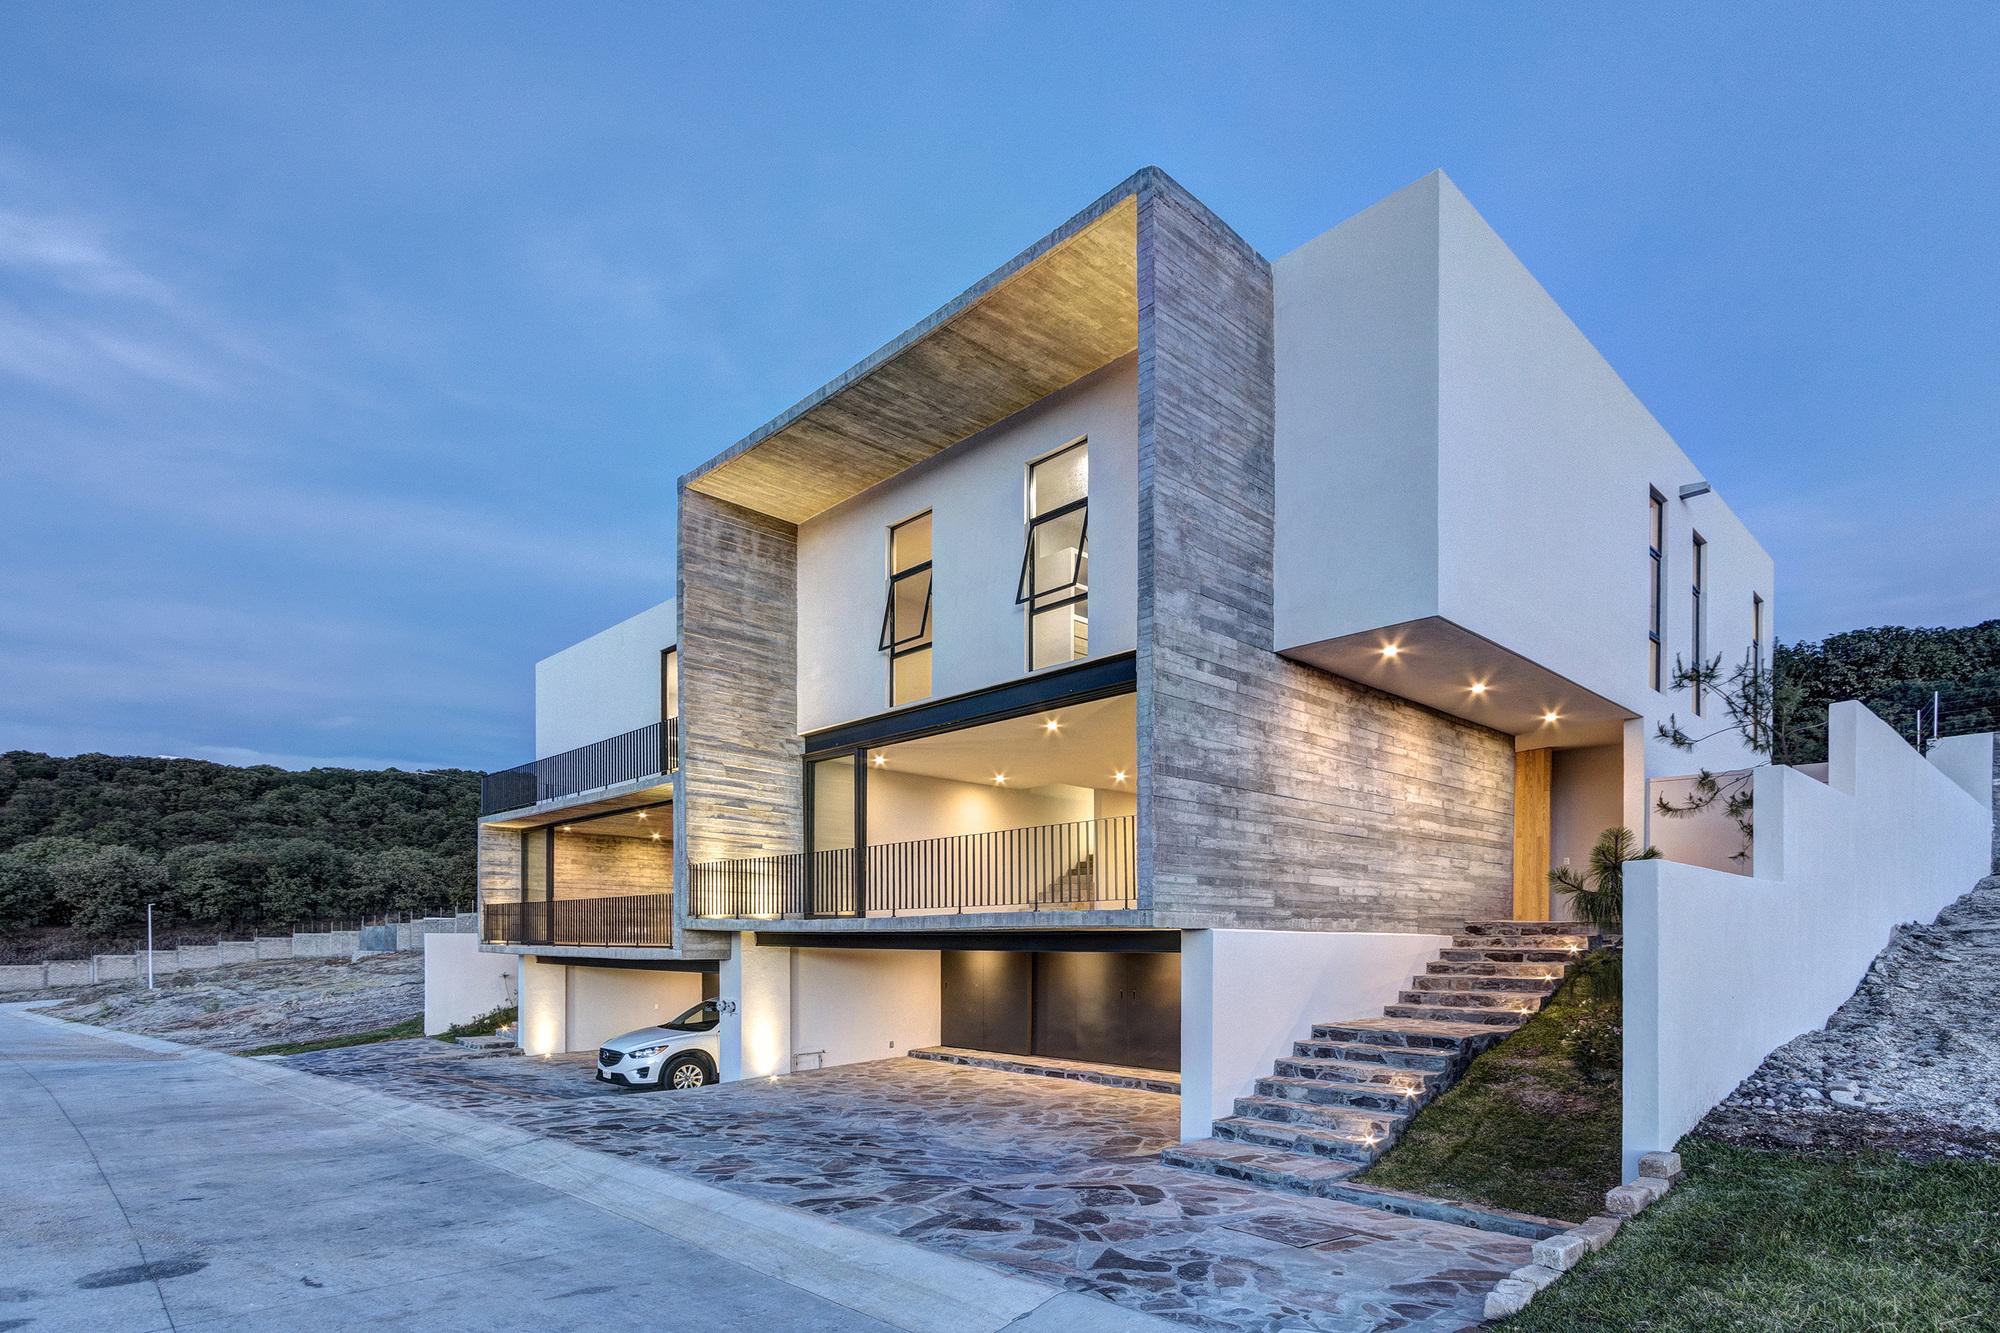 Galer a de casas cuatas la desarrolladora 7 - Casas en la provenza ...